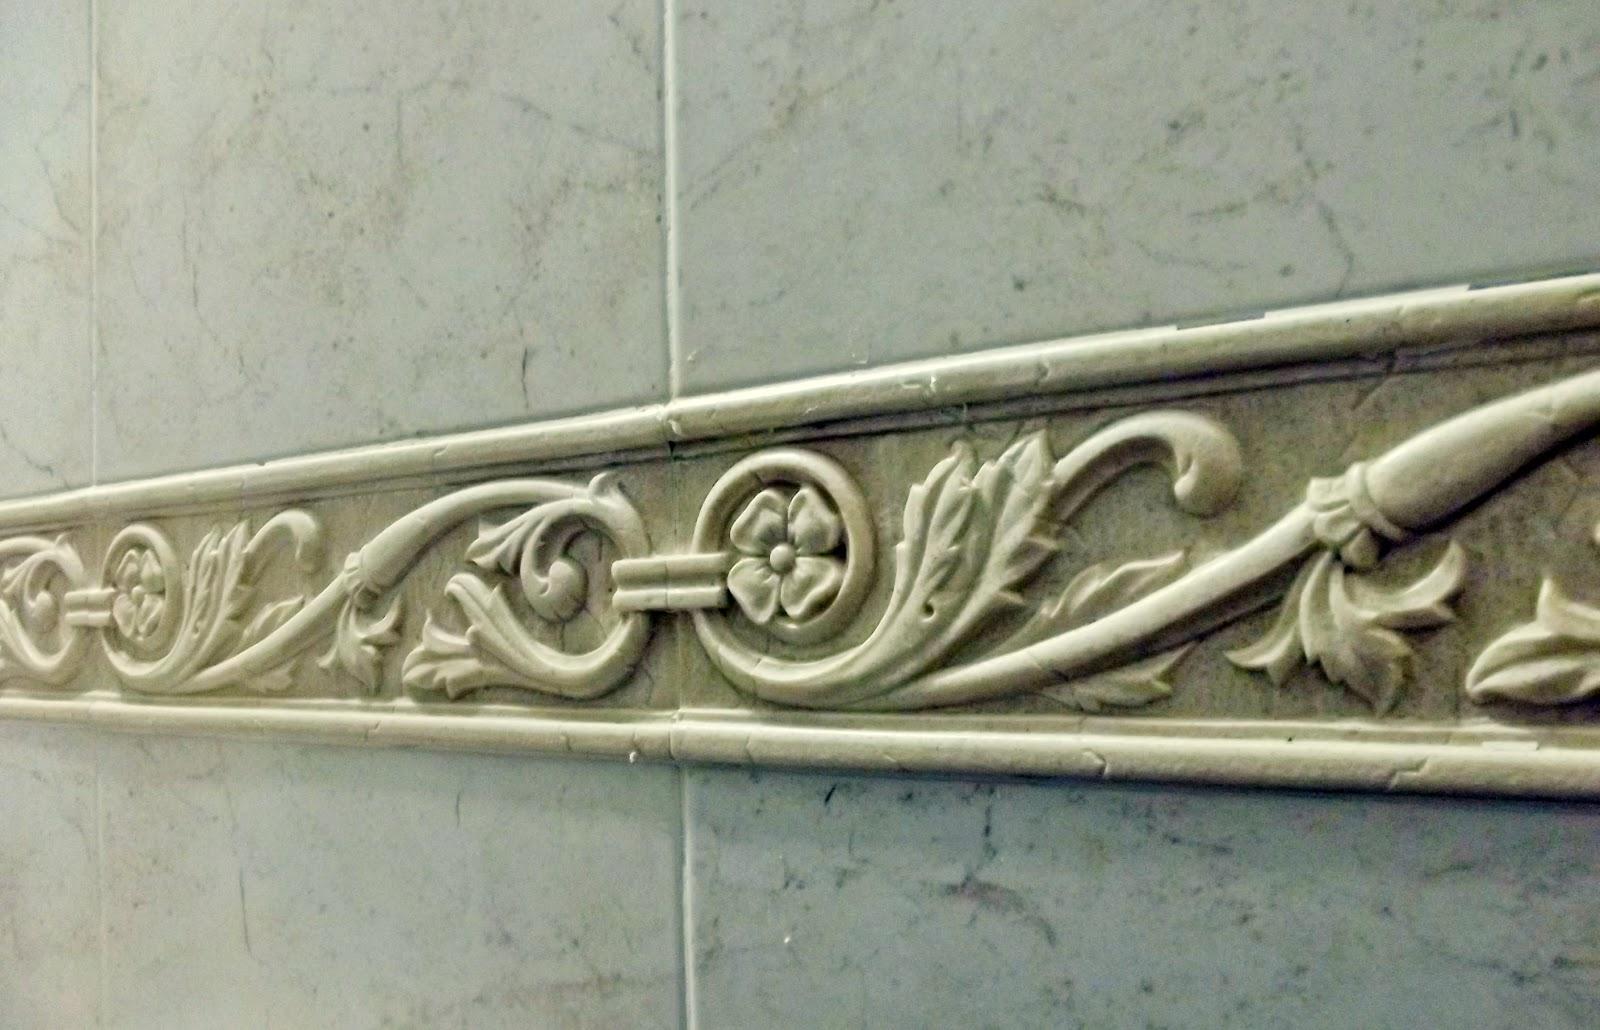 Guarda Ceramica Baño:Esta es la guarda cerámica del baño de mi casa La forma, el diseño